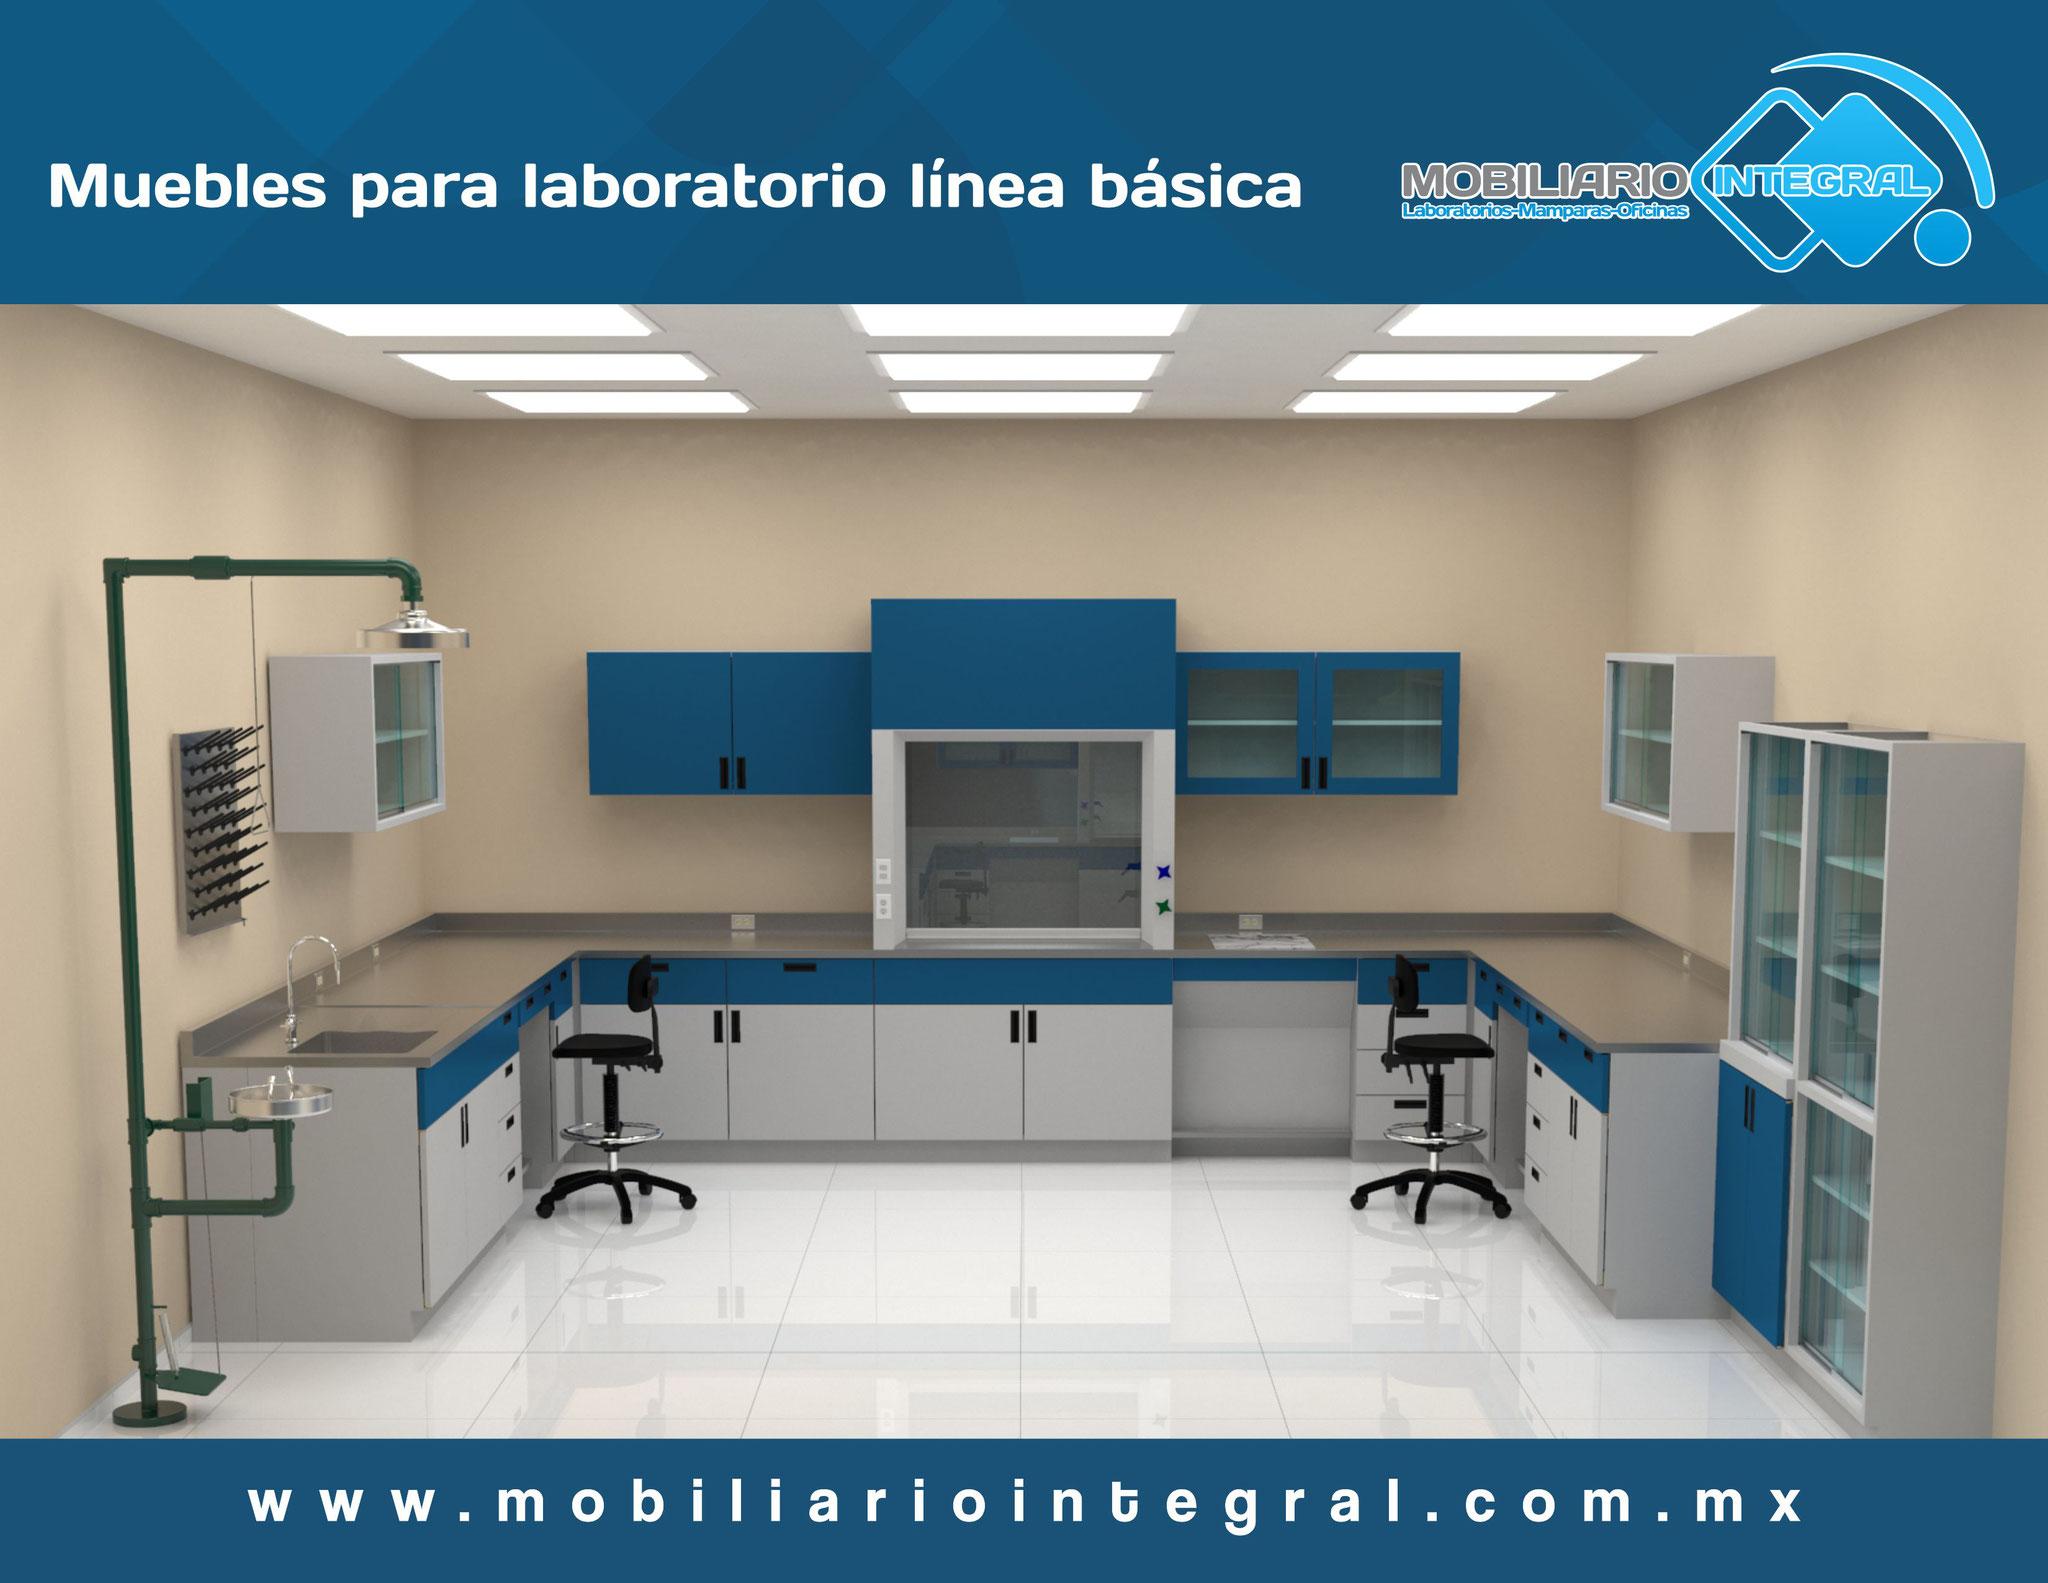 Muebles para laboratorio en Estado de México